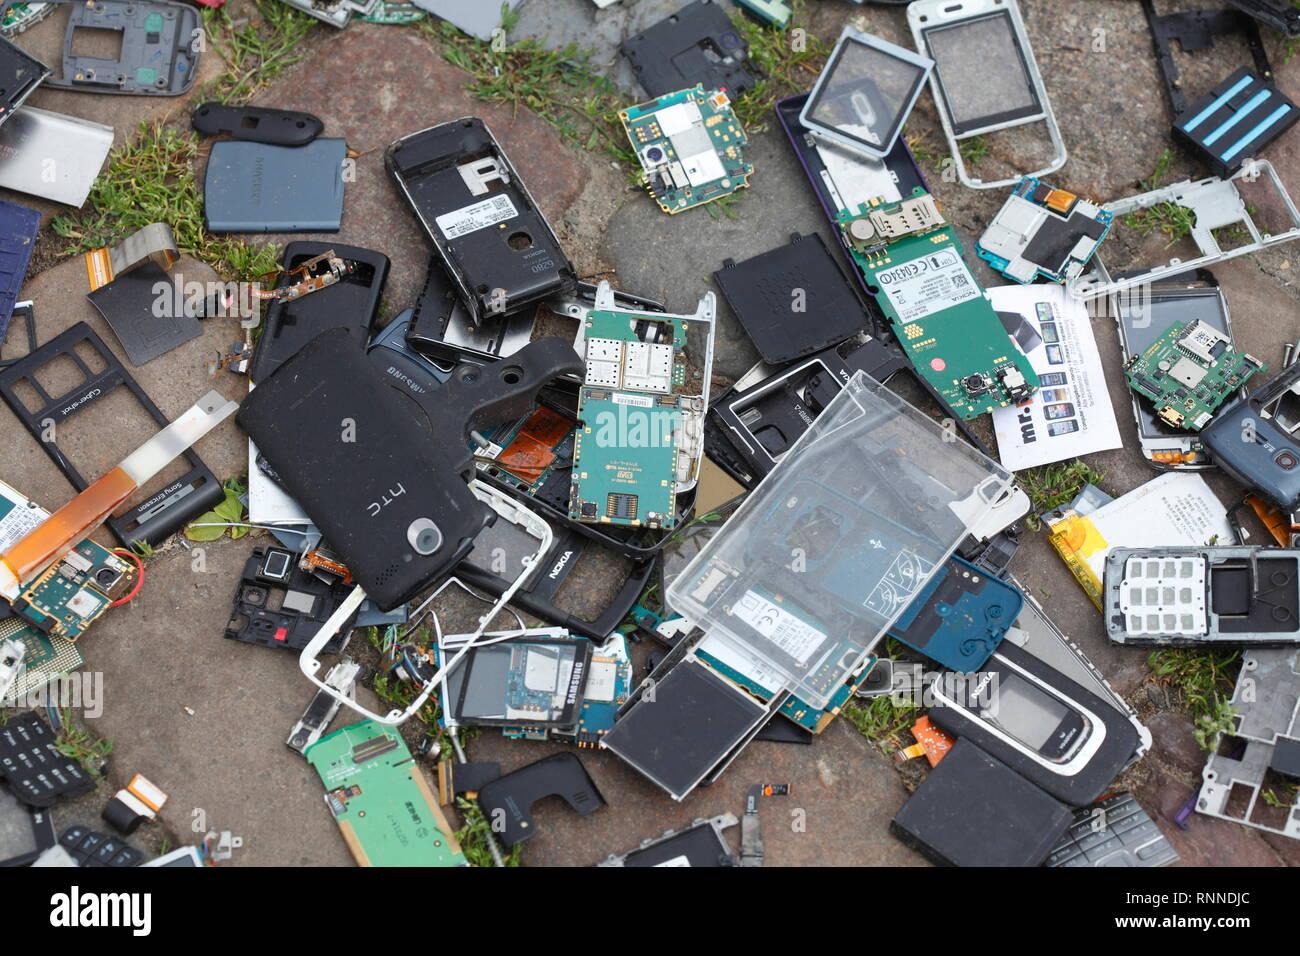 Los residuos electrónicos, antiguo smartphones roto tirado en el piso, Alemania, Europa I, alte Elektroschrott Smartphones kaputte auf dem Boden liegend, Deutsch Imagen De Stock